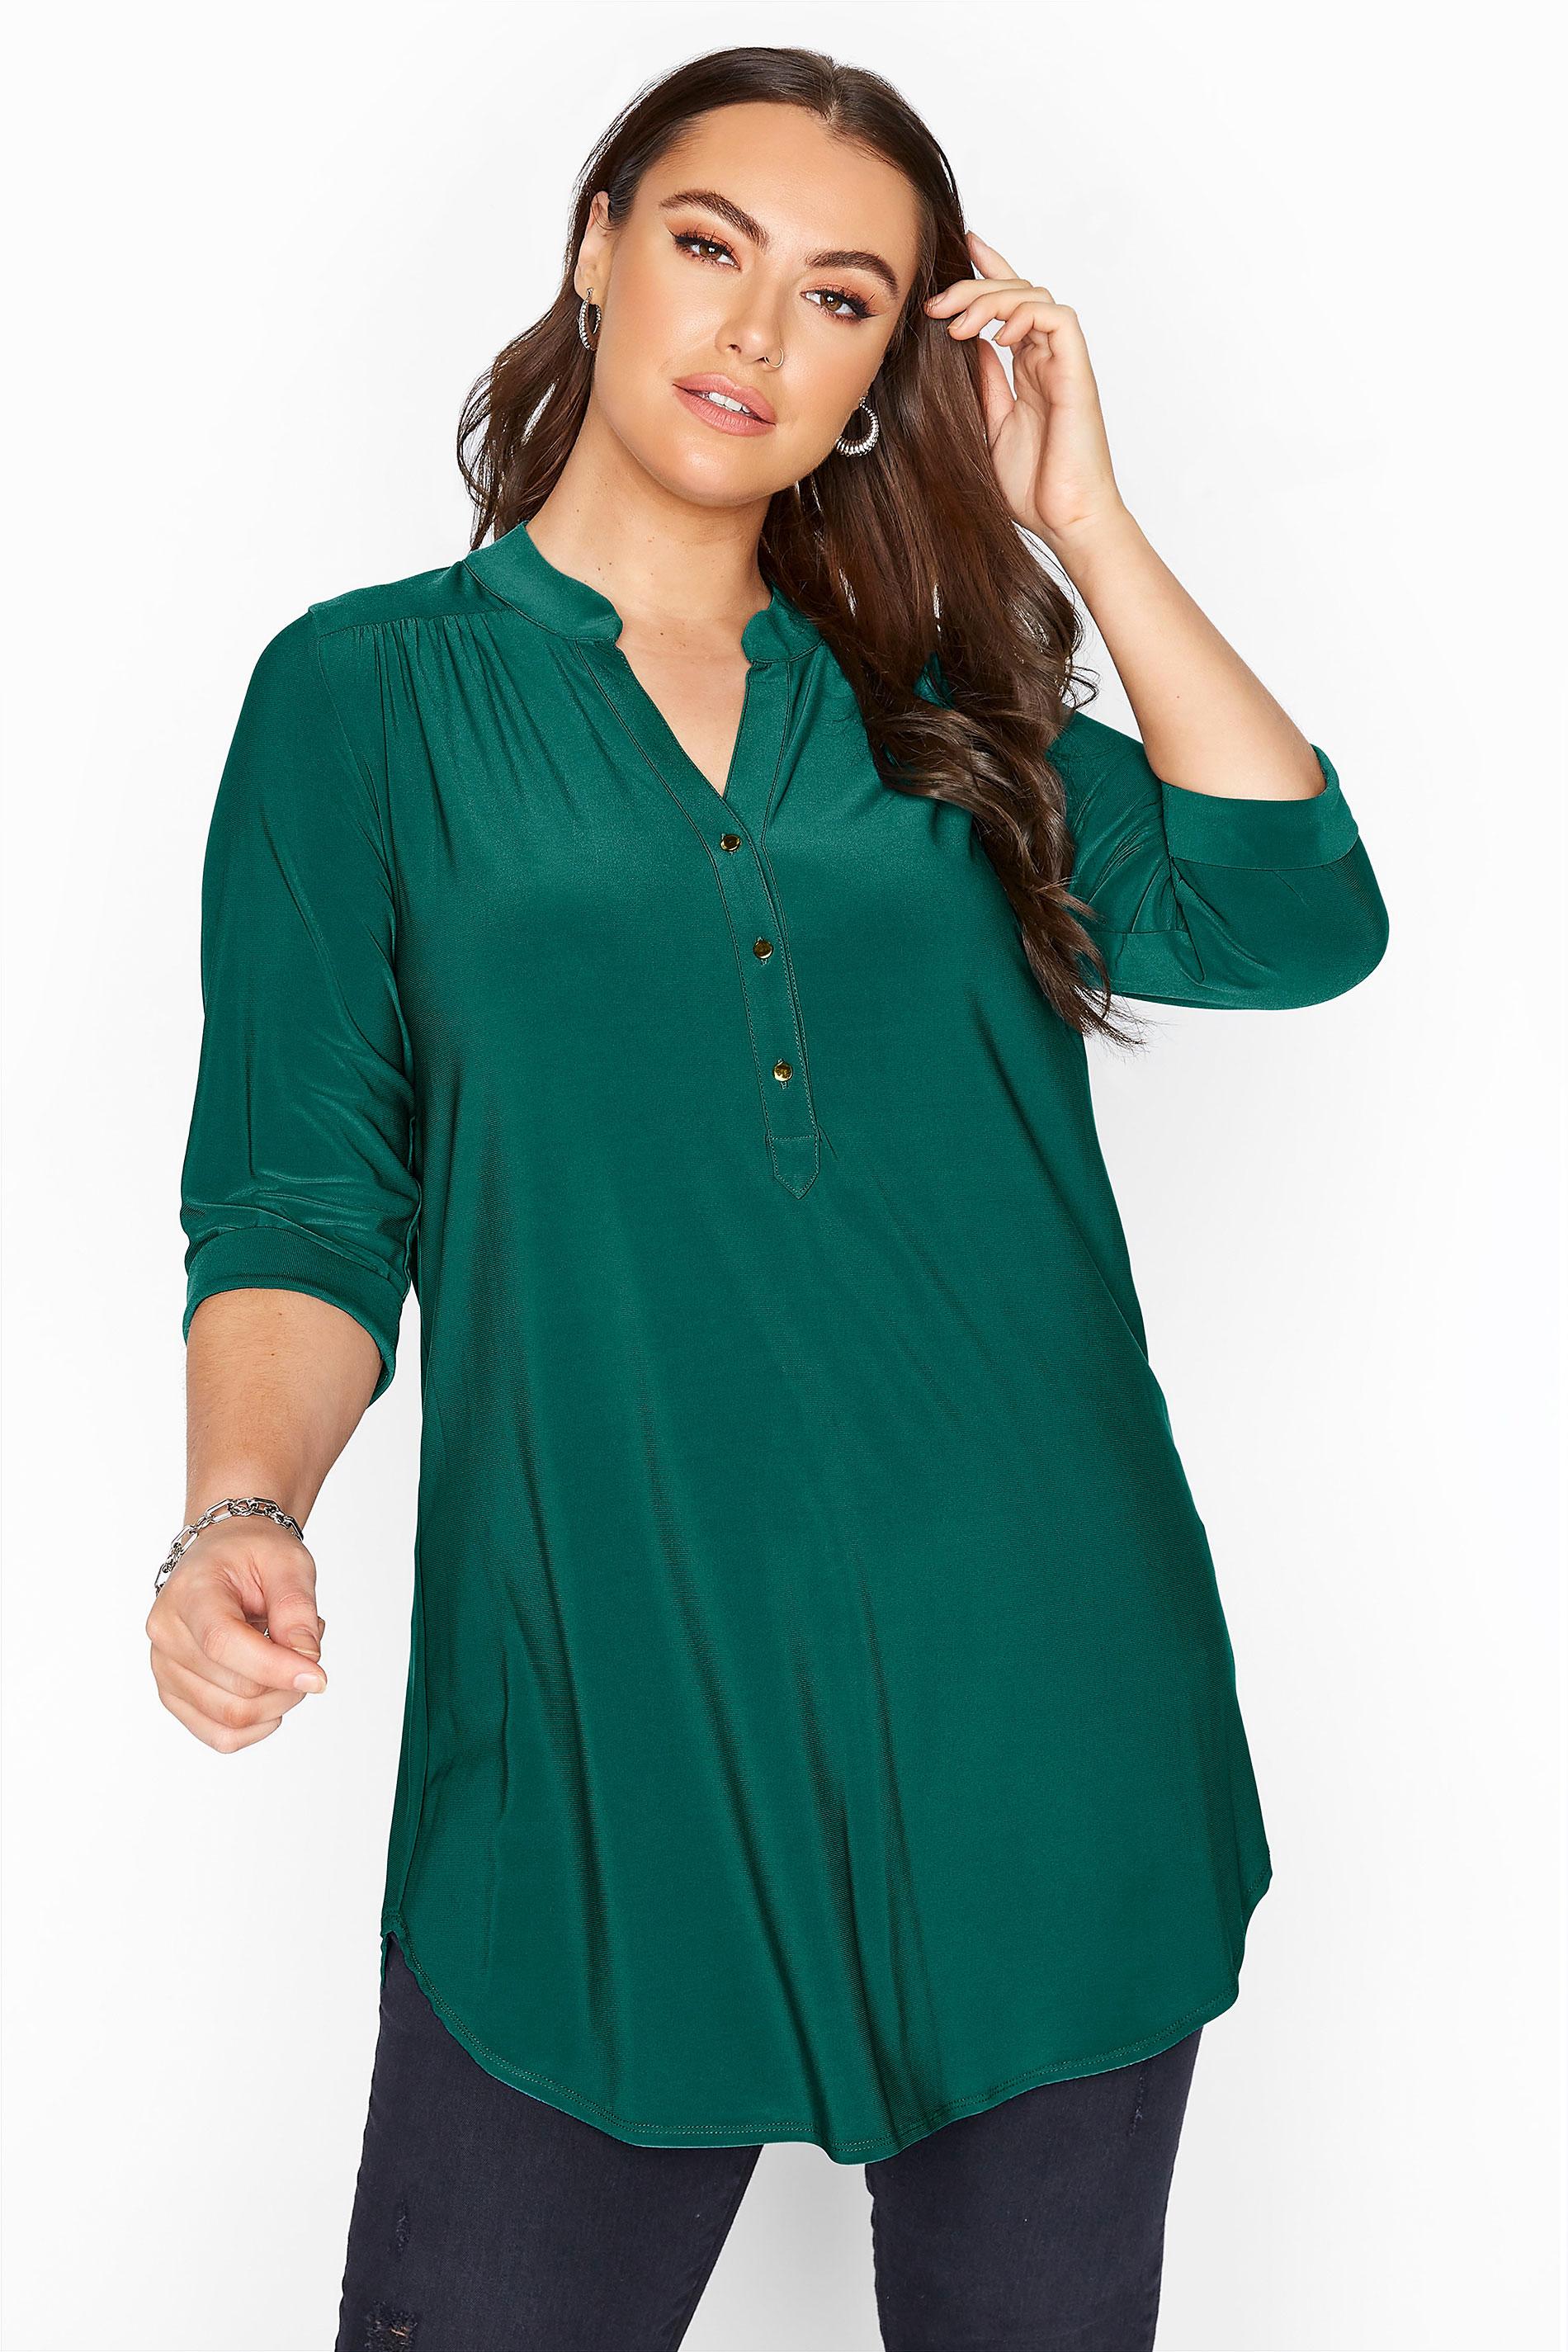 Teal Green Slinky Jersey Shirt